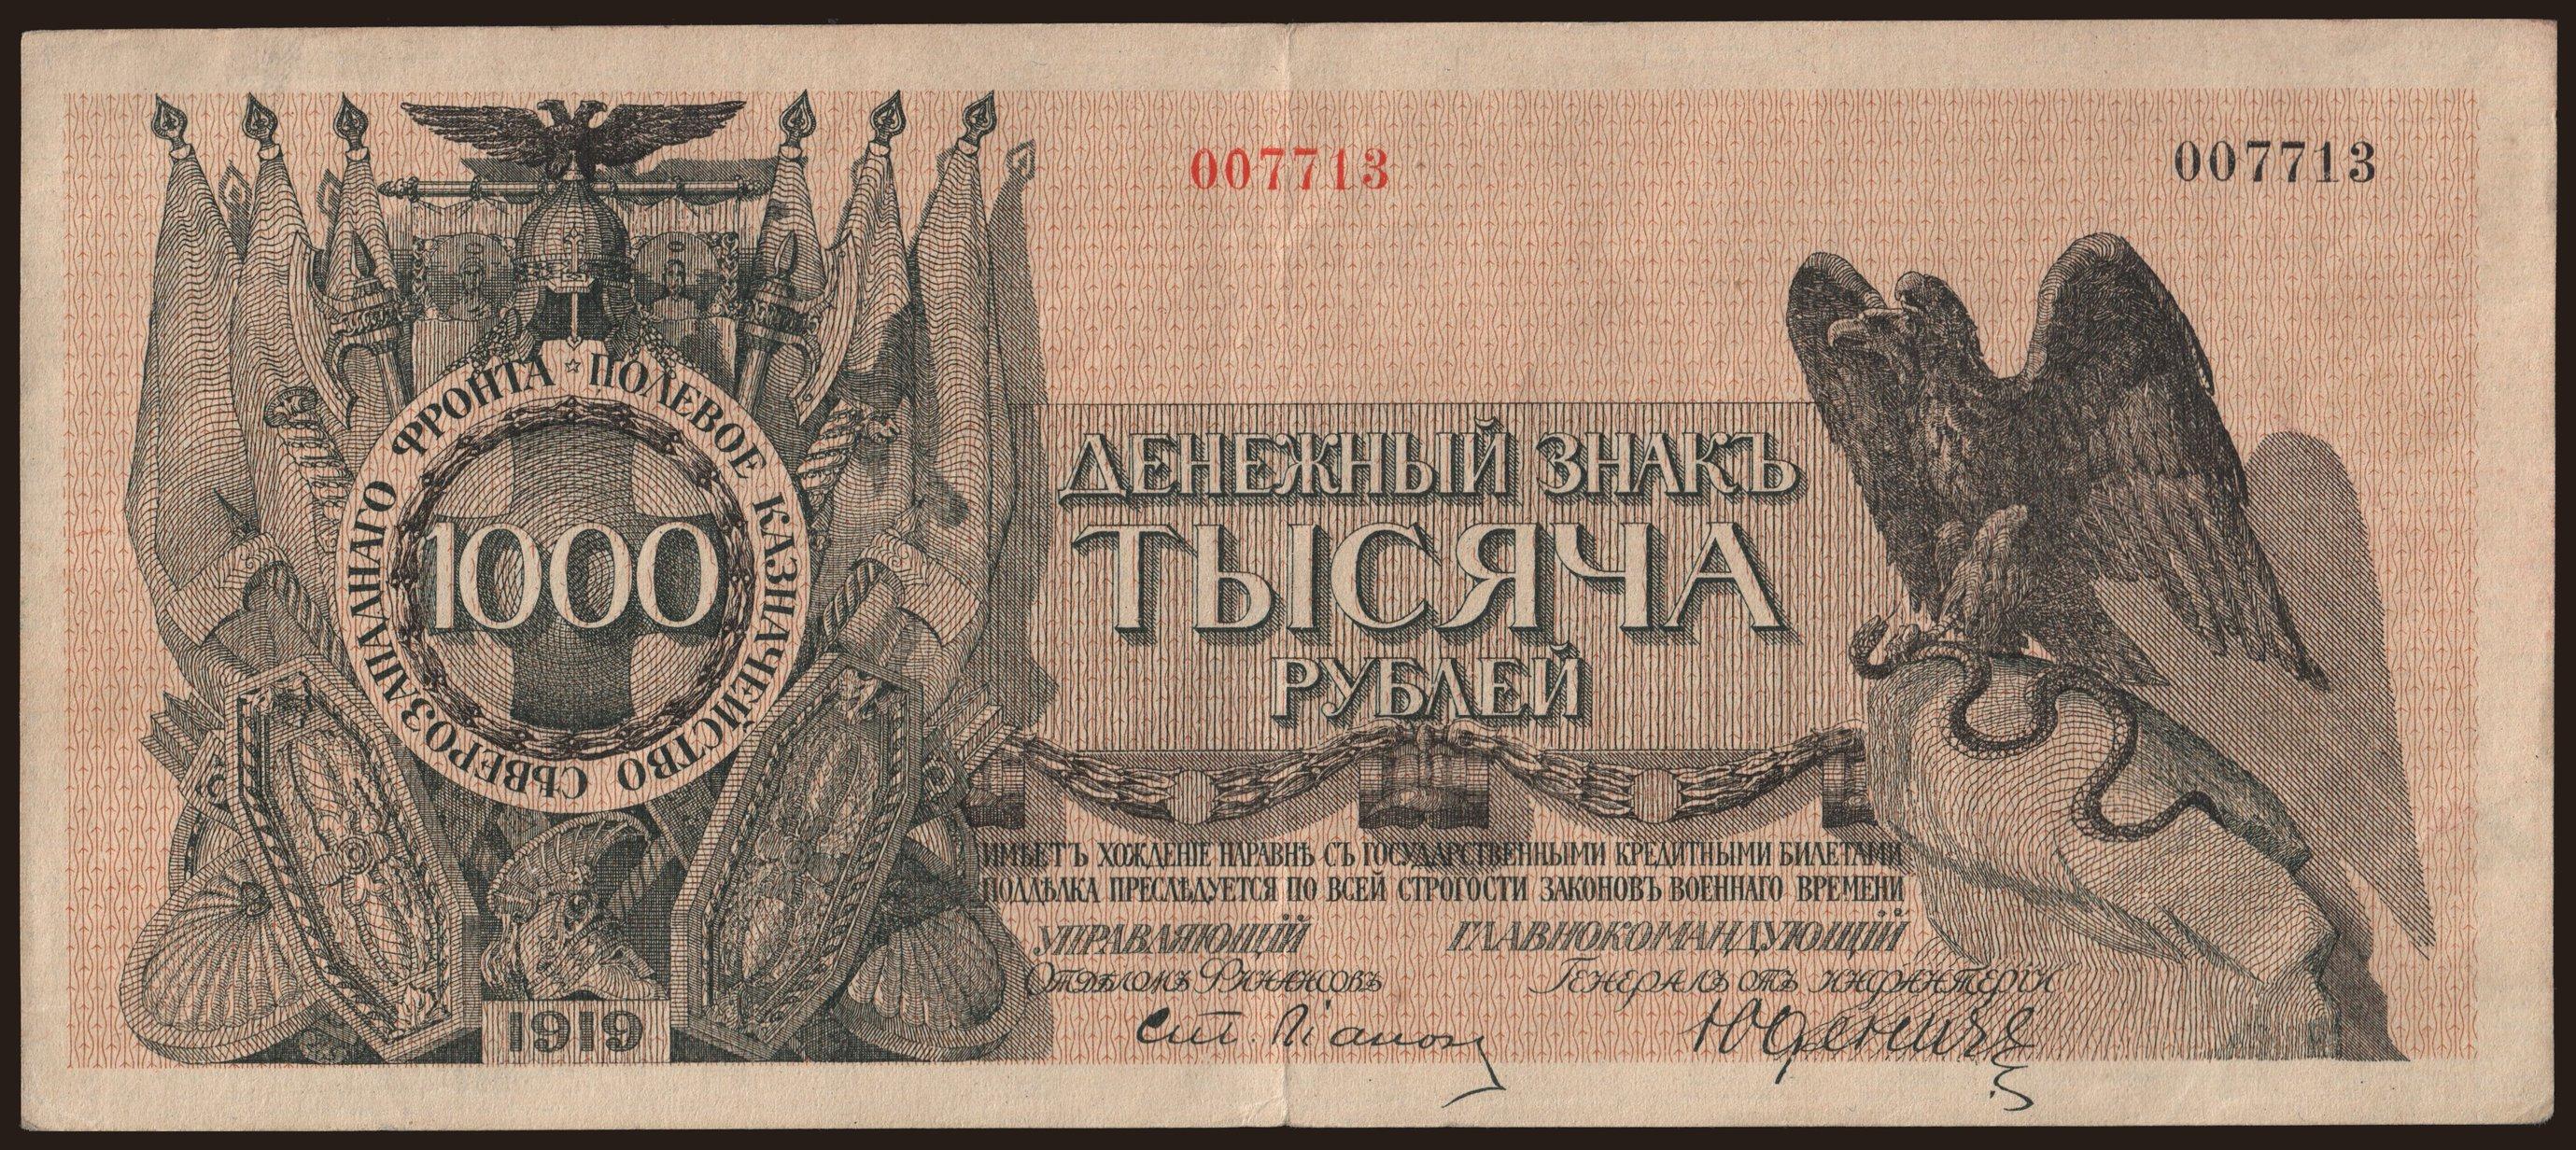 1000 Rub To Eur